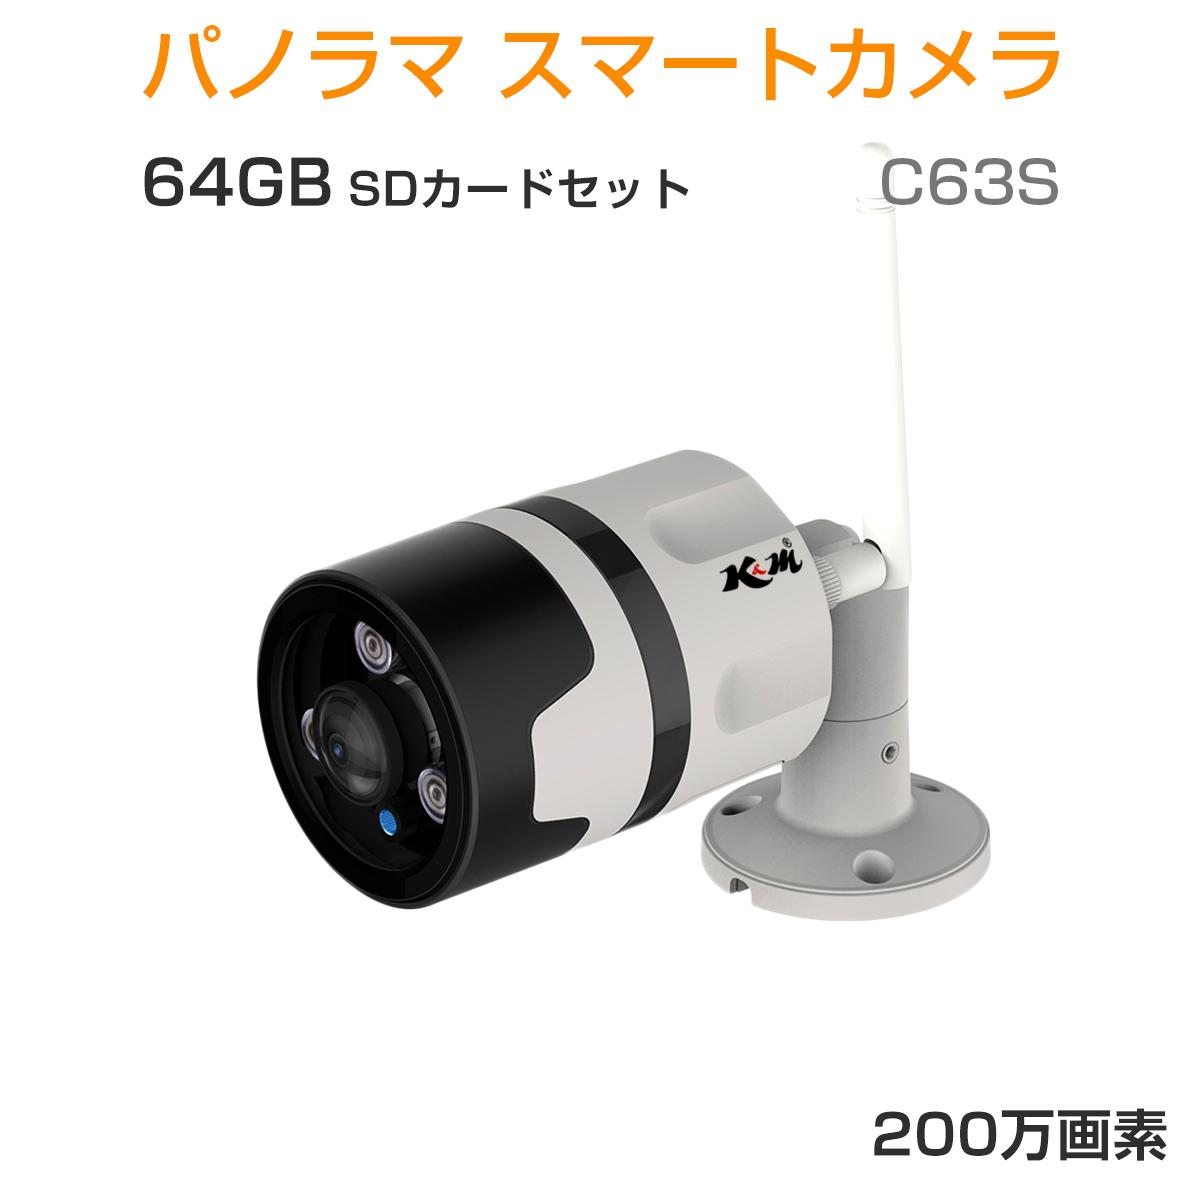 防犯カメラ 200万画素 C63S SDカード64GB同梱モデル商品 魚眼レンズ 360度 ネットワークカメラ ペット ベビー WIFI ワイヤレス 屋外 屋内 MicroSDカード録画 監視 IP カメラ 動体検知 VStarcam 宅配便送料無料 PSE 技適 1年保証 K&M